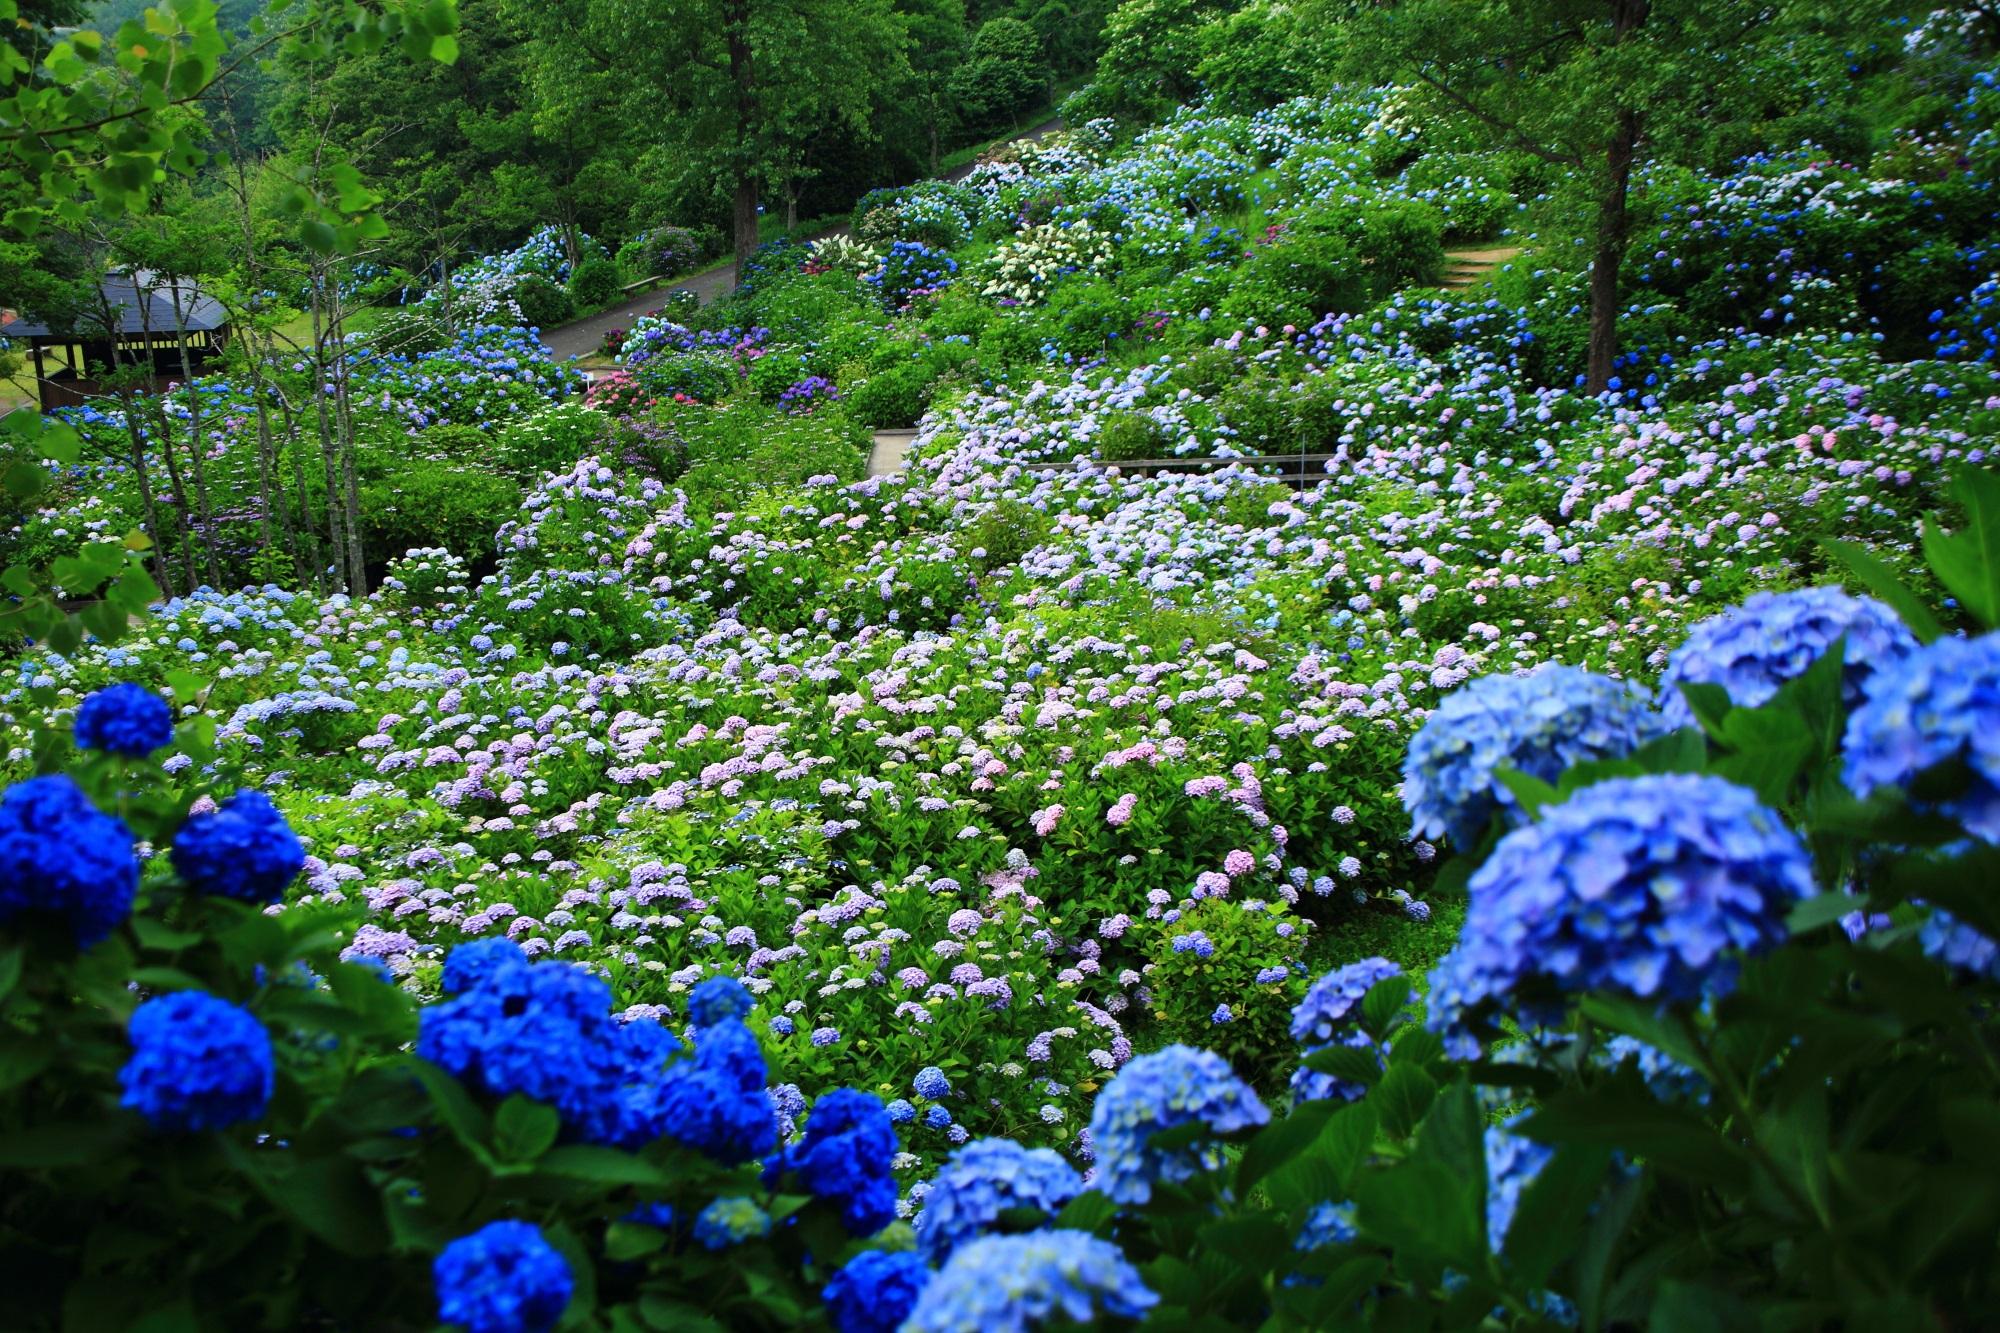 舞鶴自然文化園 紫陽花 凄すぎる「あじさいの海」